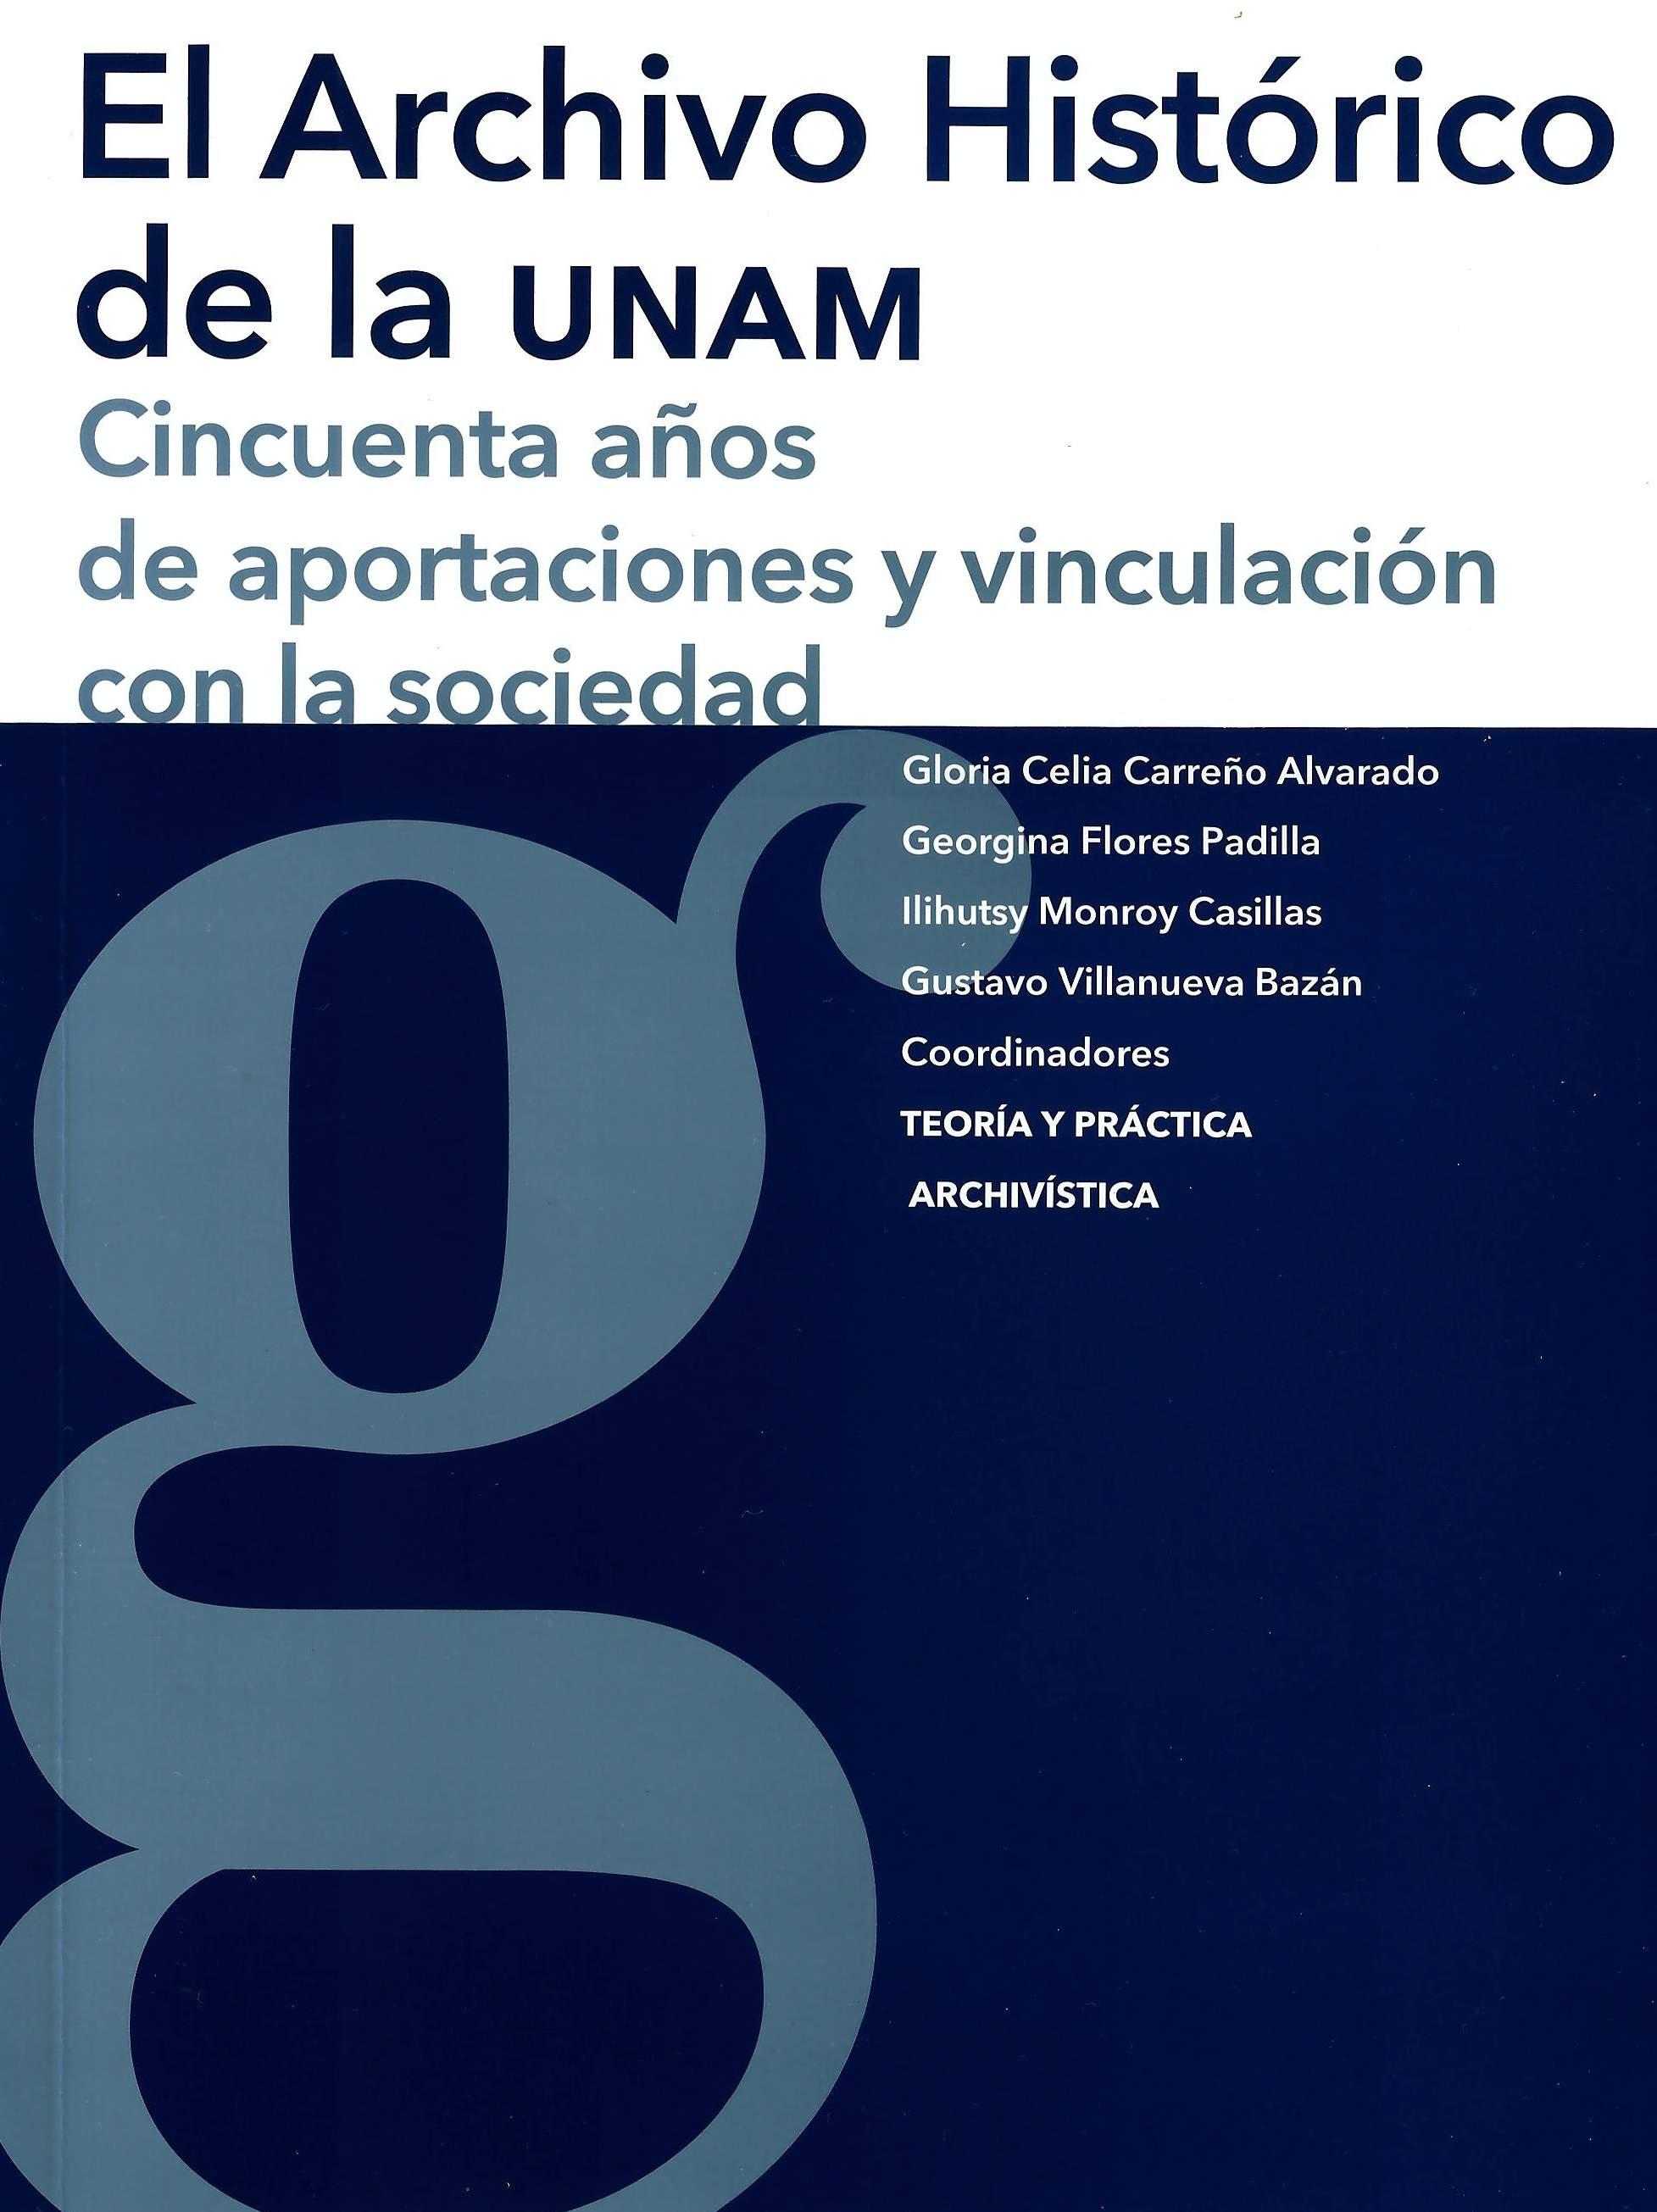 El archivo histórico de la UNAM: cincuenta años de aportaciones y vinculación con la sociedad